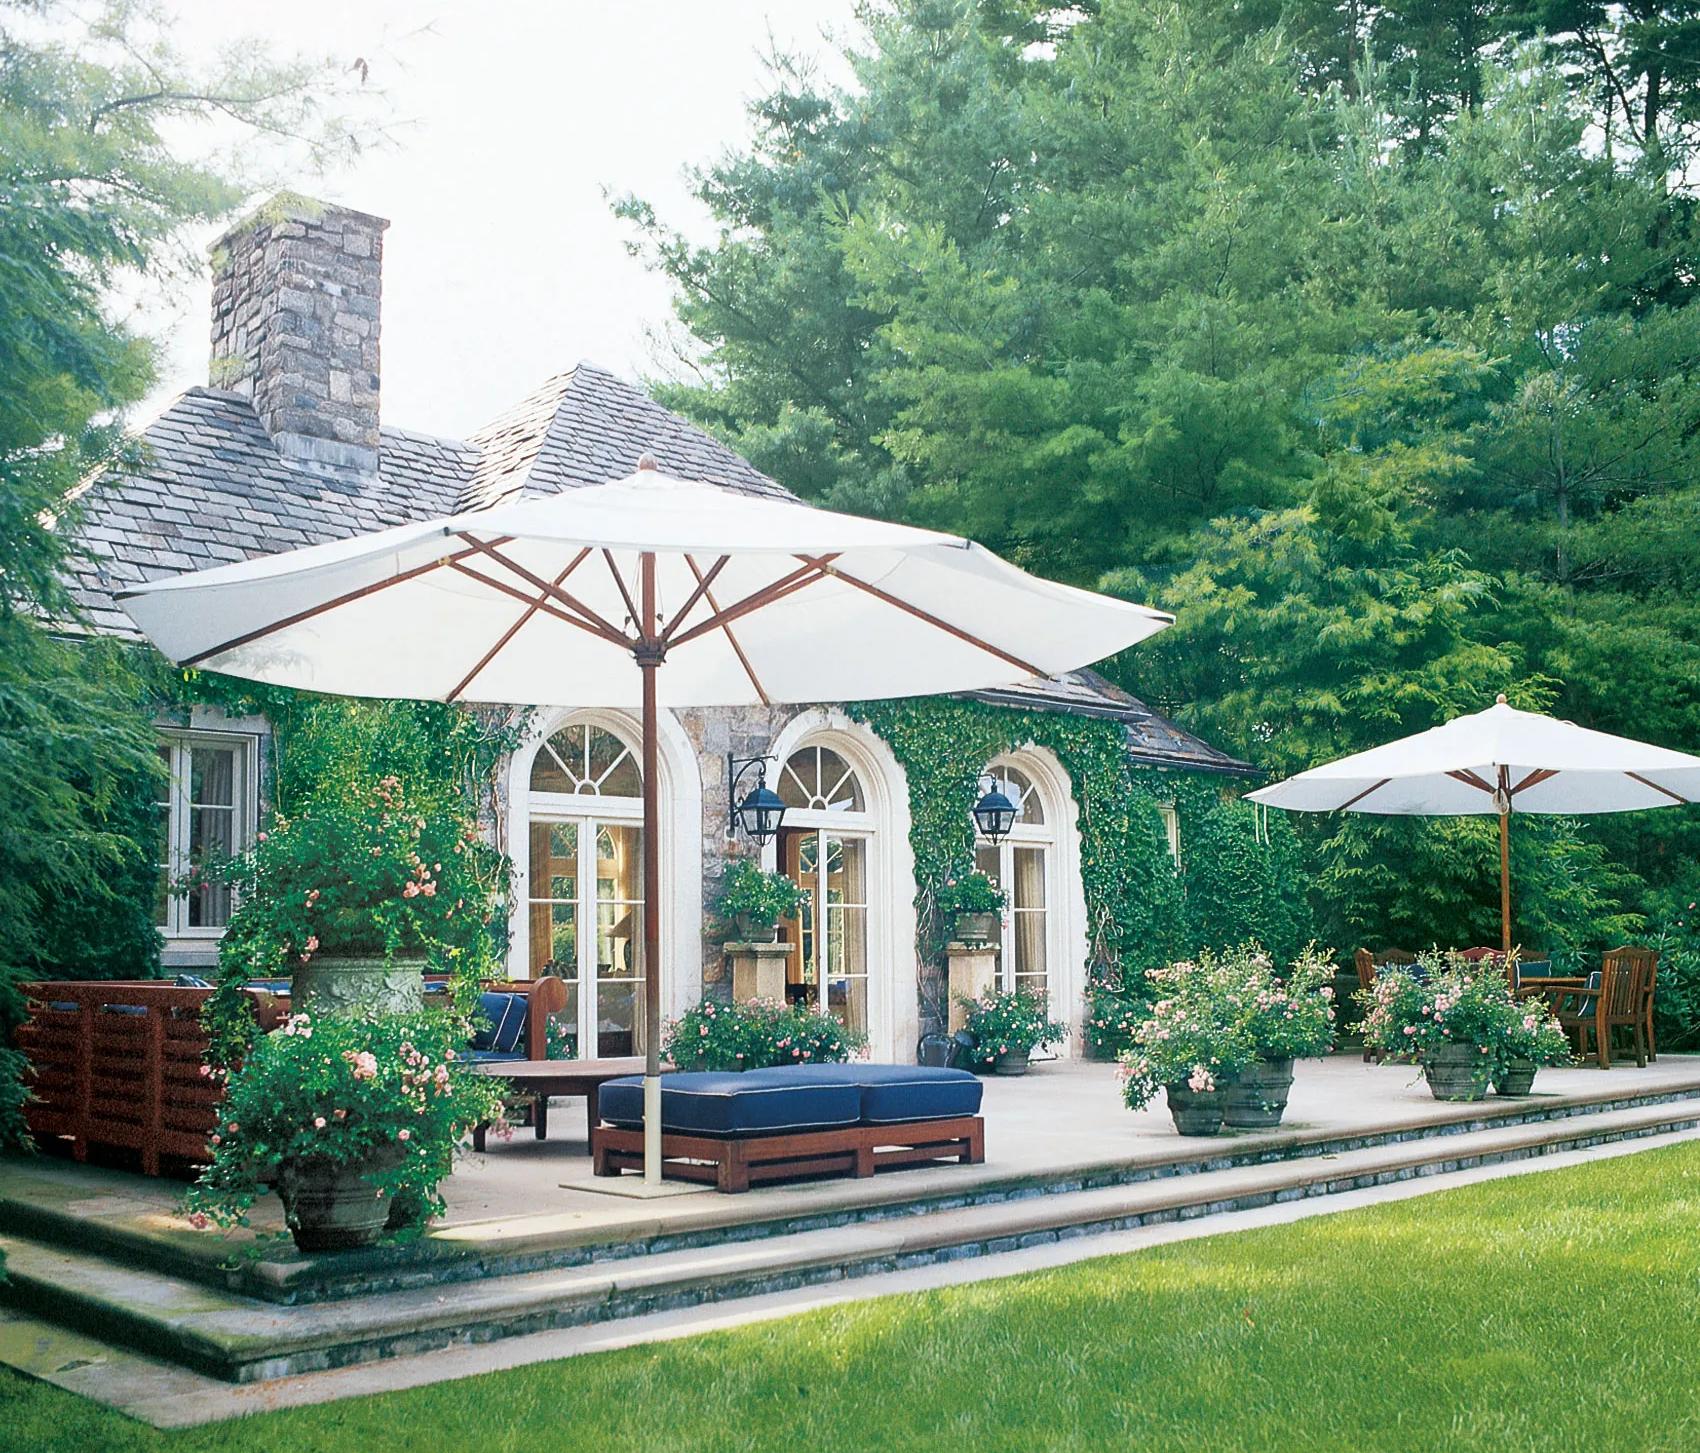 Ralph Lauren's Garden Design Review